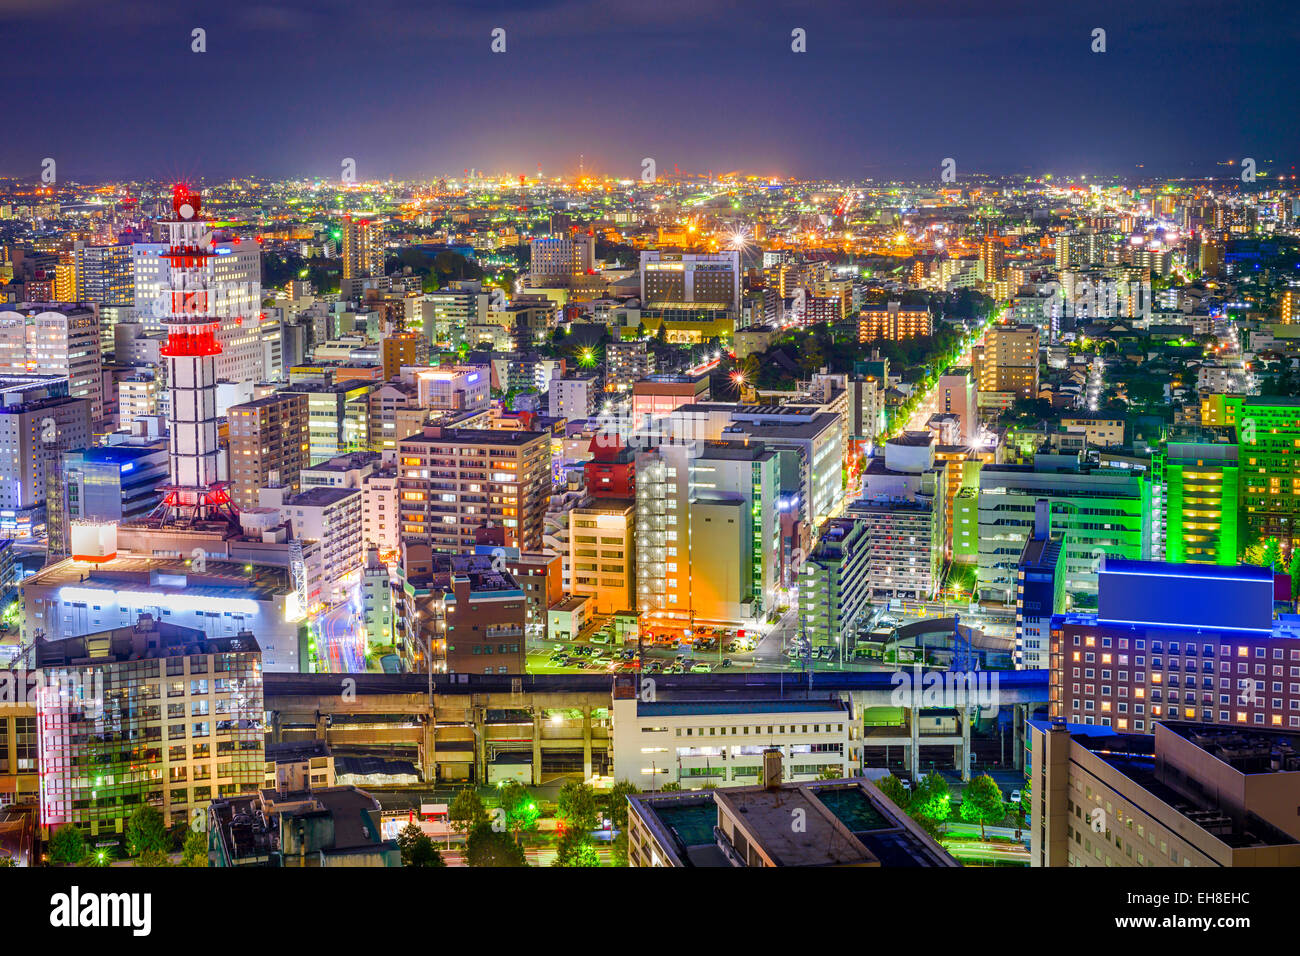 Le centre-ville de Sendai au Japon sur les toits de la ville en direction de la gare principale de nuit. Photo Stock